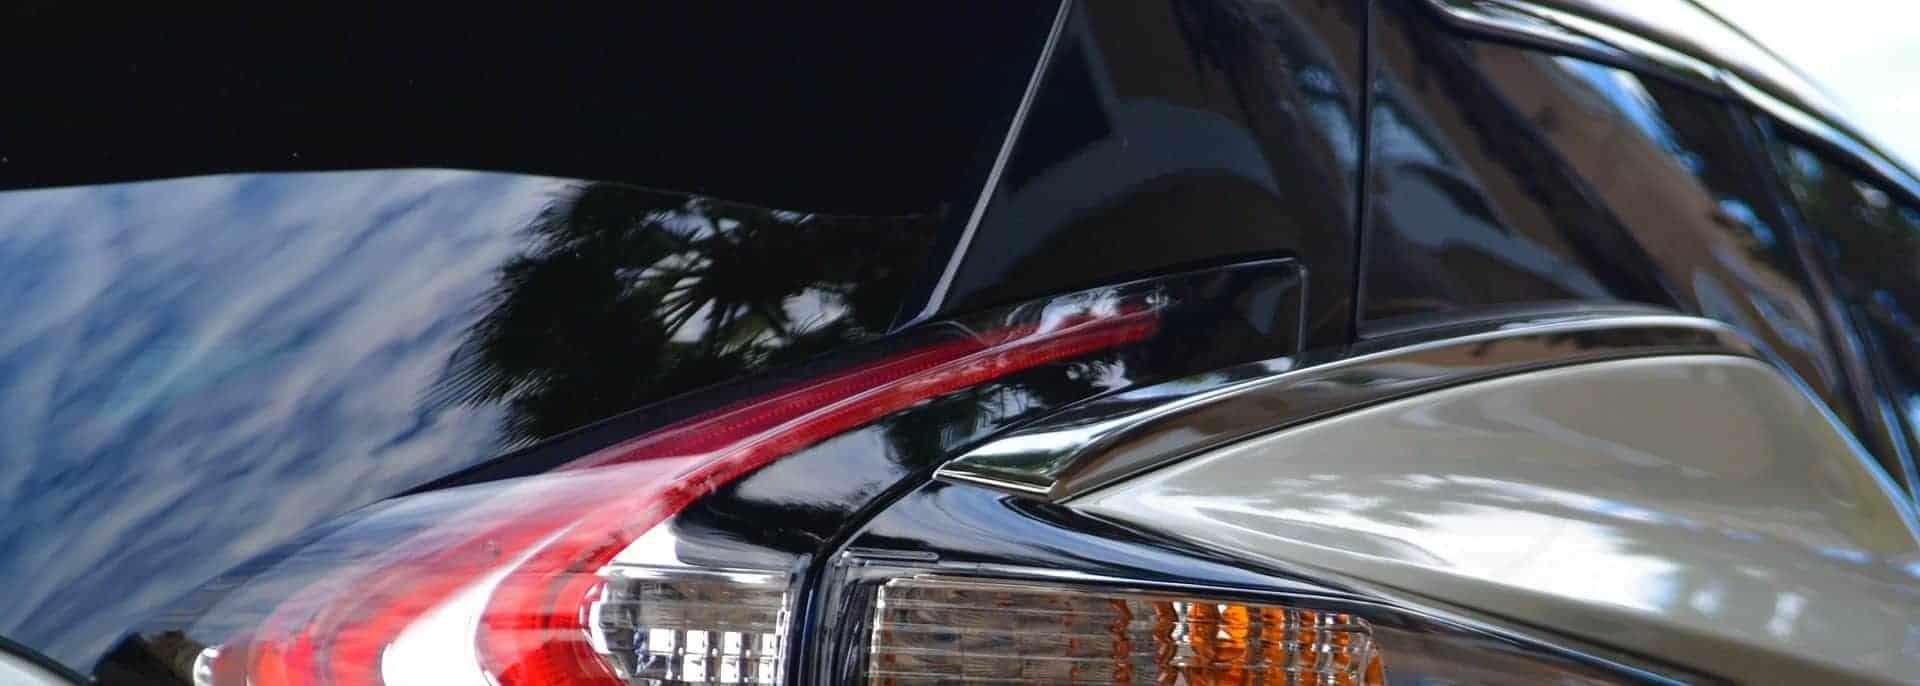 Rückseite eines Autos mit getönten Scheiben